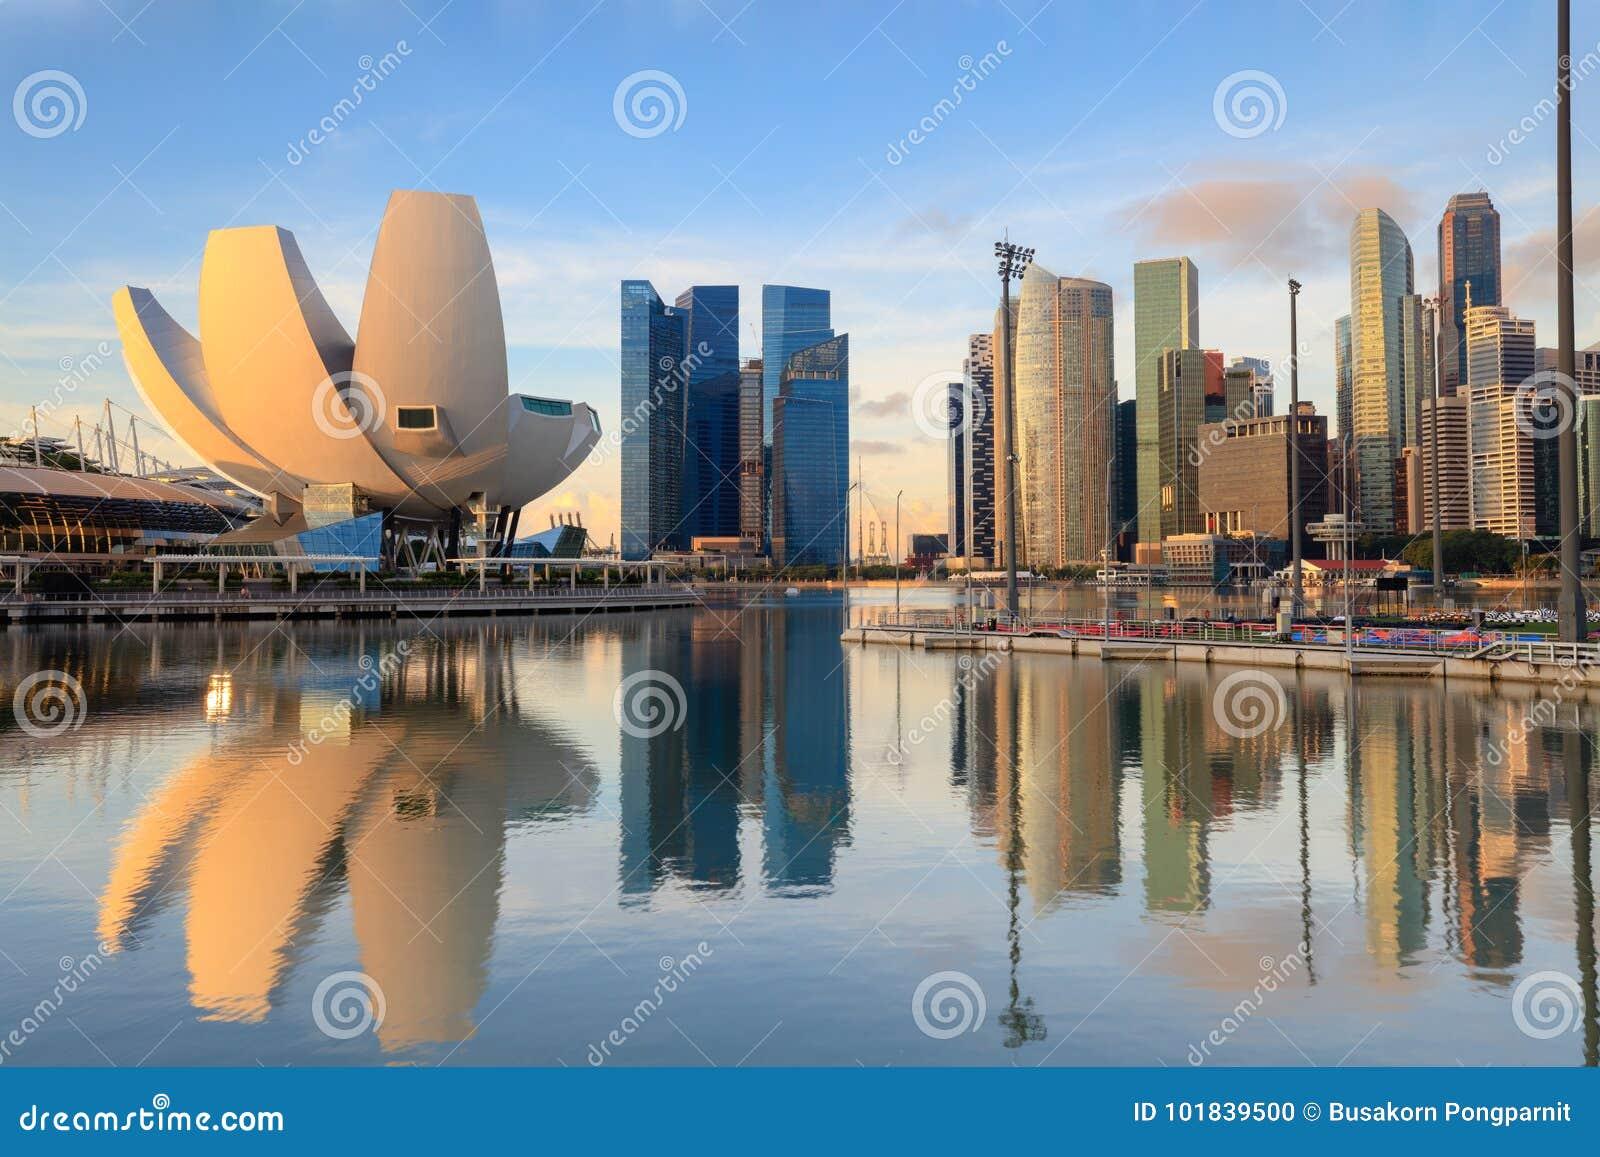 Singapur-Skyline am Jachthafen während der Dämmerung, Ansicht von Marina Bay